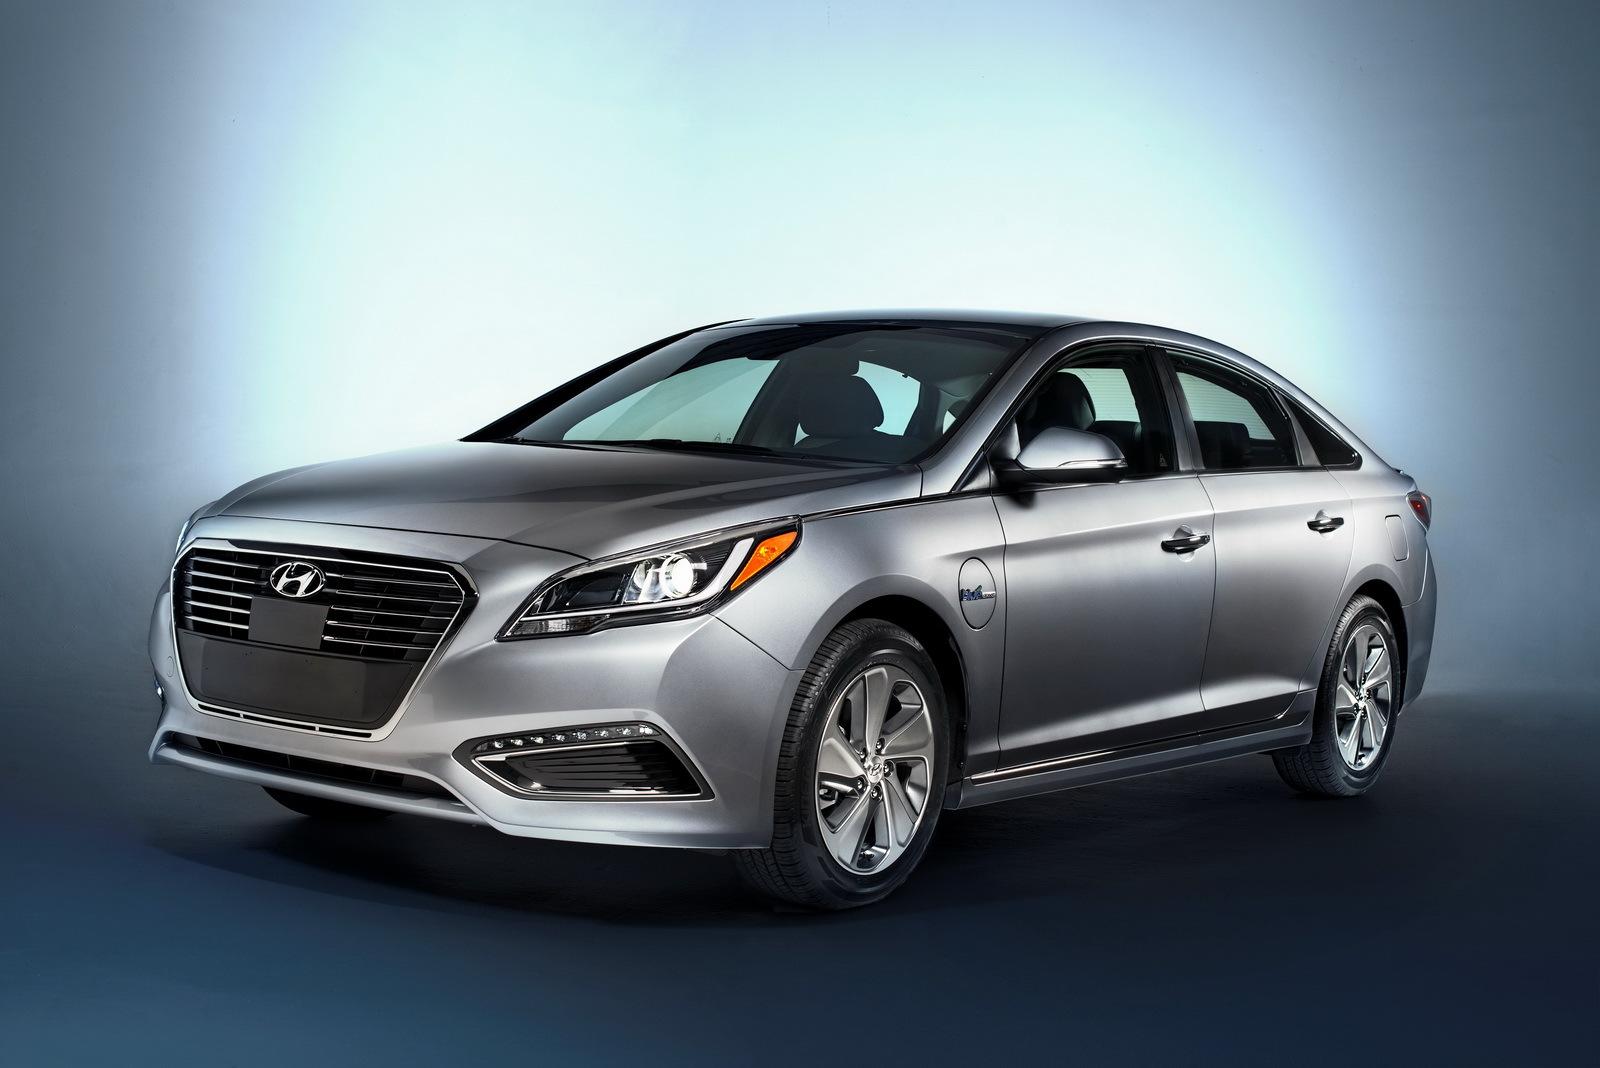 История знаменитой фирмы Hyundai2